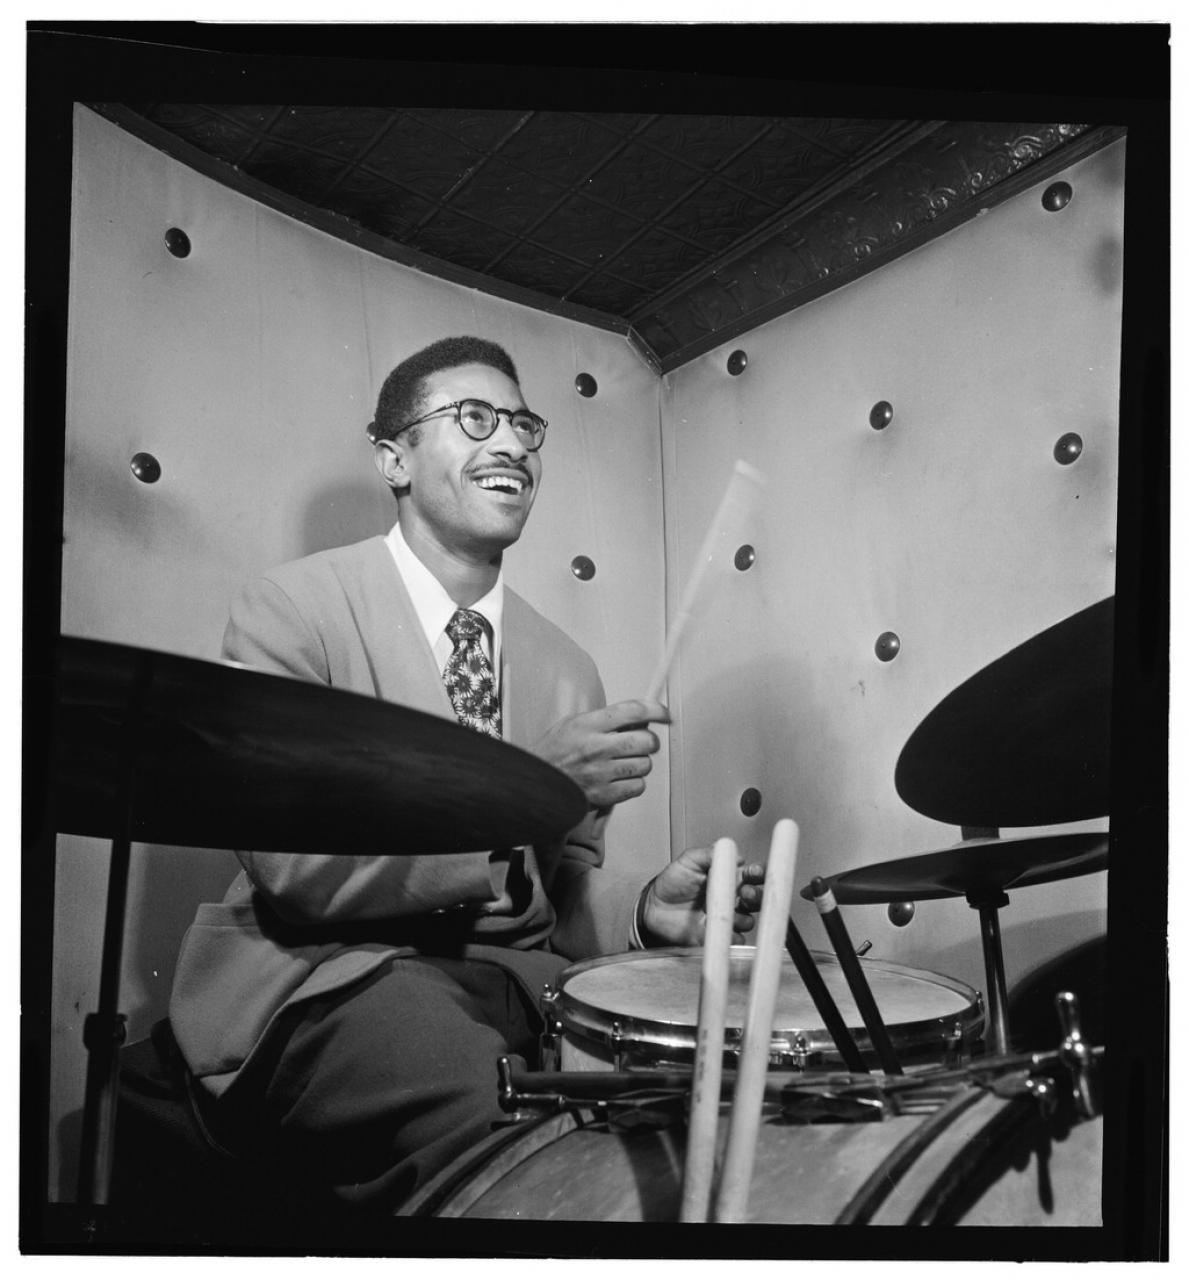 Portrait of legendary jazz drummer Max Roach. Photo by William Gottlieb.